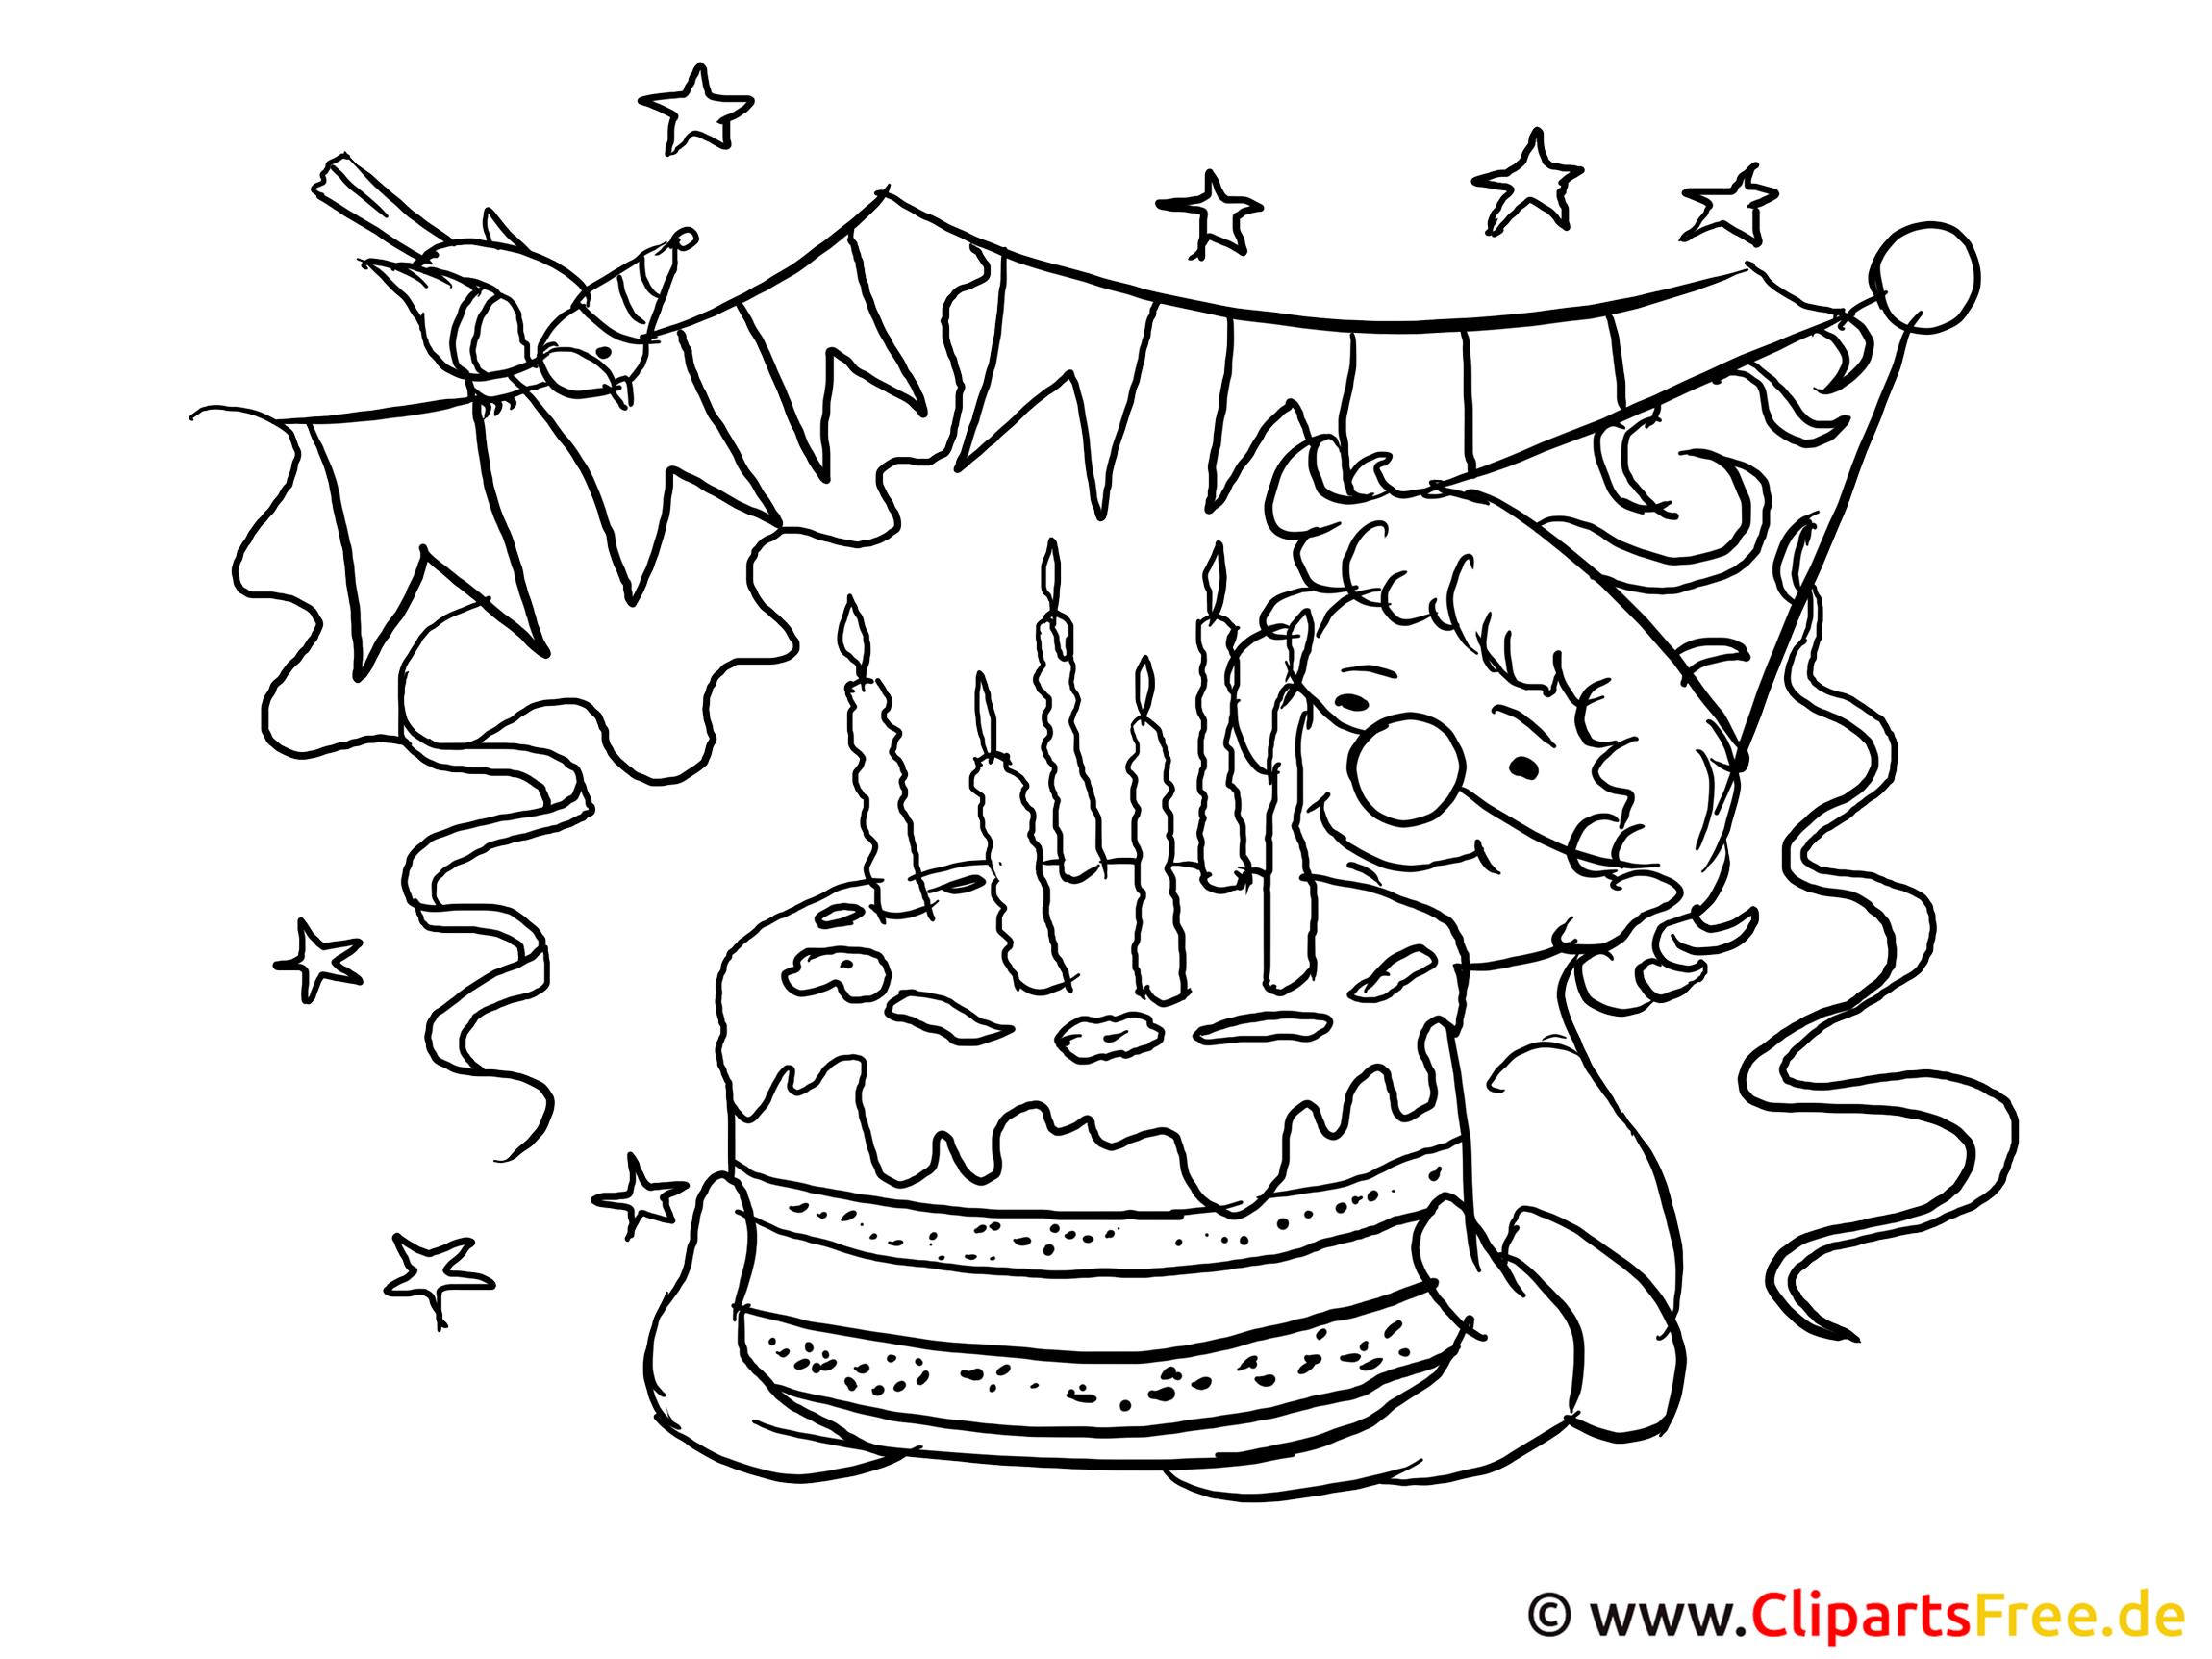 Zum Geburtstag viel Glück Bild zum Ausmalen